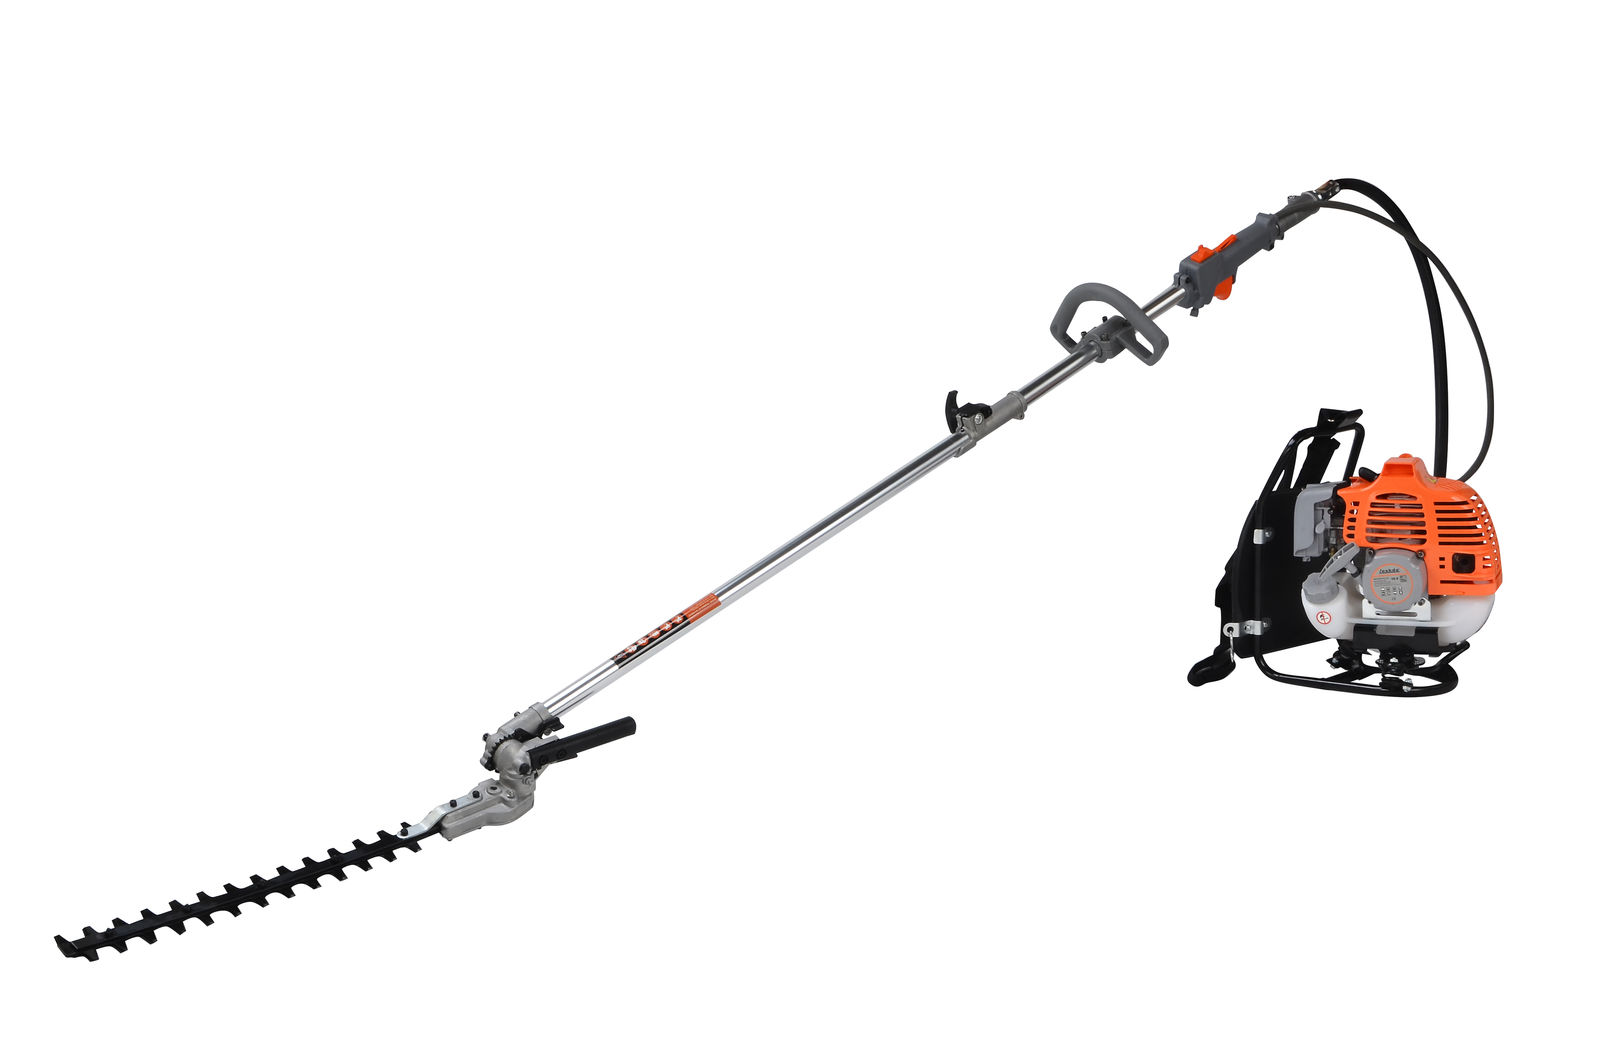 eSkde 5 in 1 Petrol Multi Tool Back Pack Brush Cutter